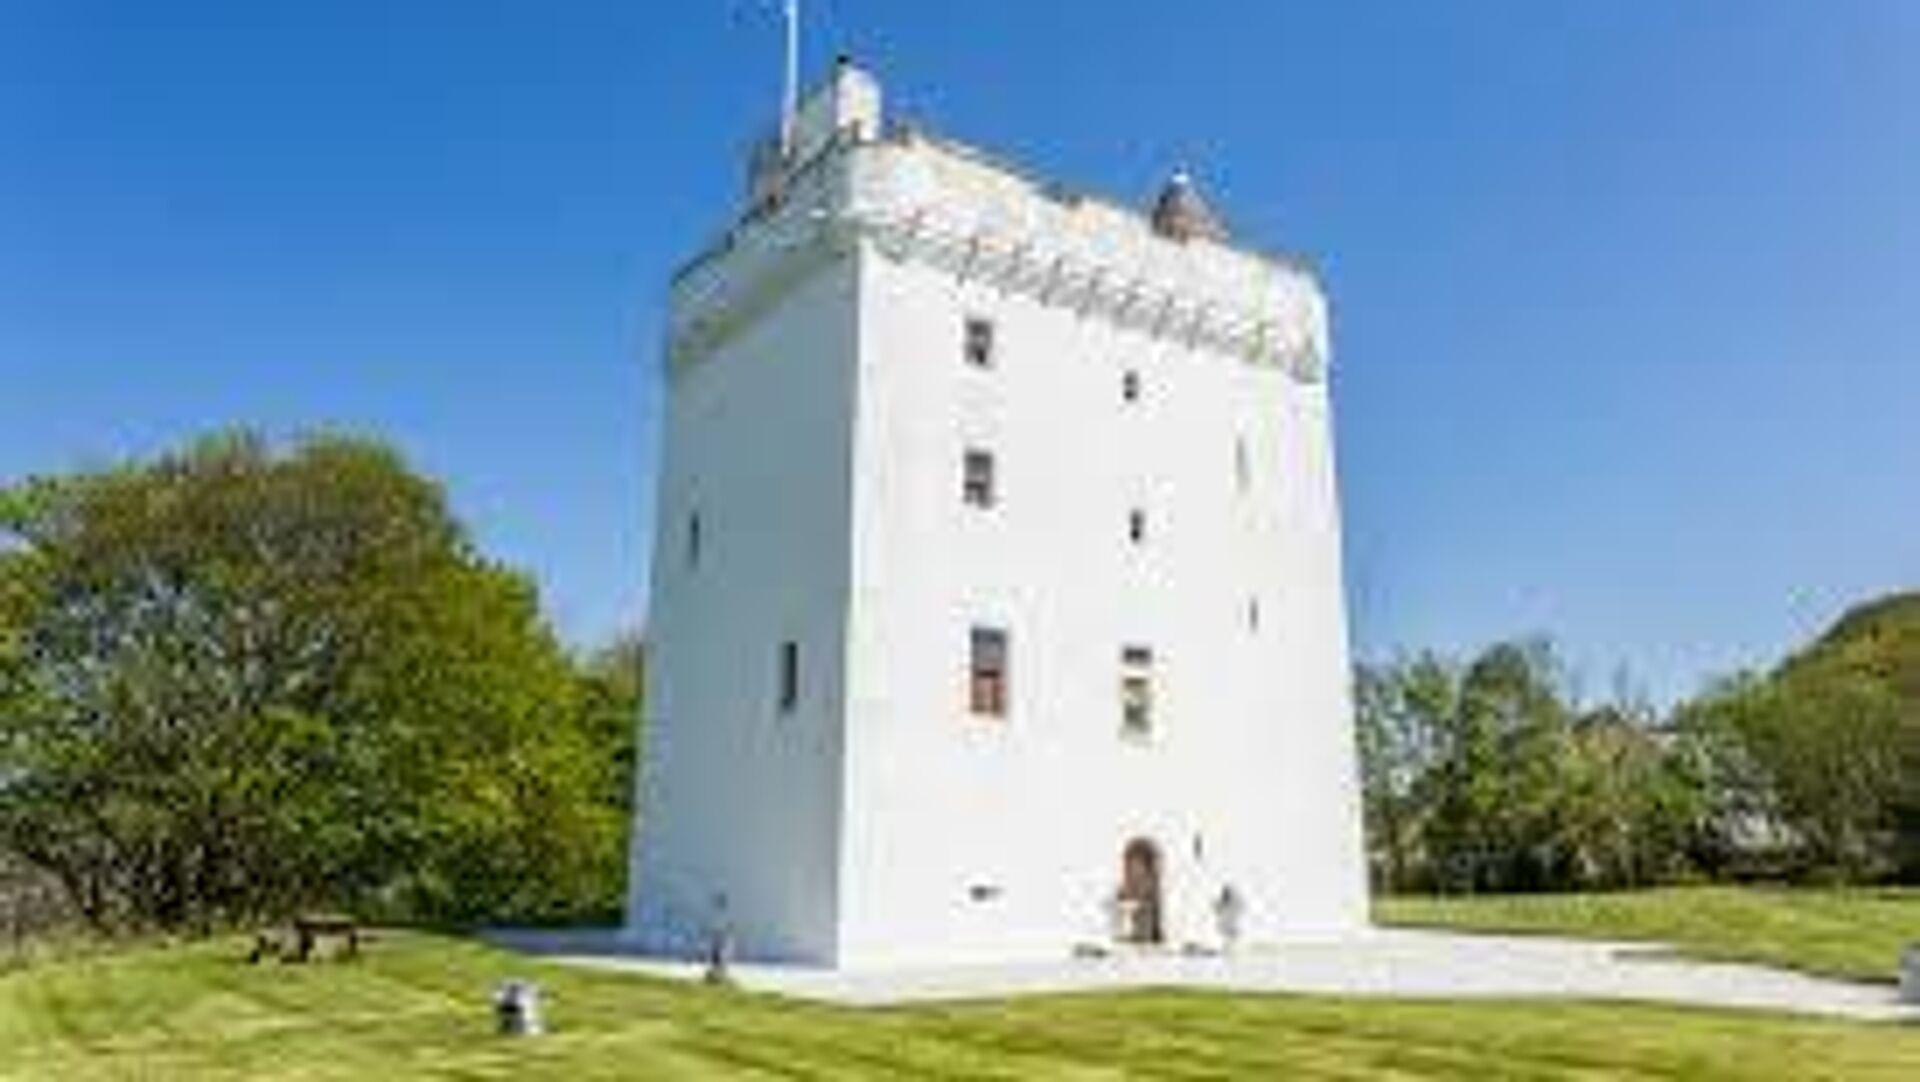 """1578104833 0:28:275:183 1920x0 80 0 0 da2c2cb2b655444378826f48a0084333 - В Шотландии для туристов открылся замок с тюрьмой и """"дырой"""" для убийств"""